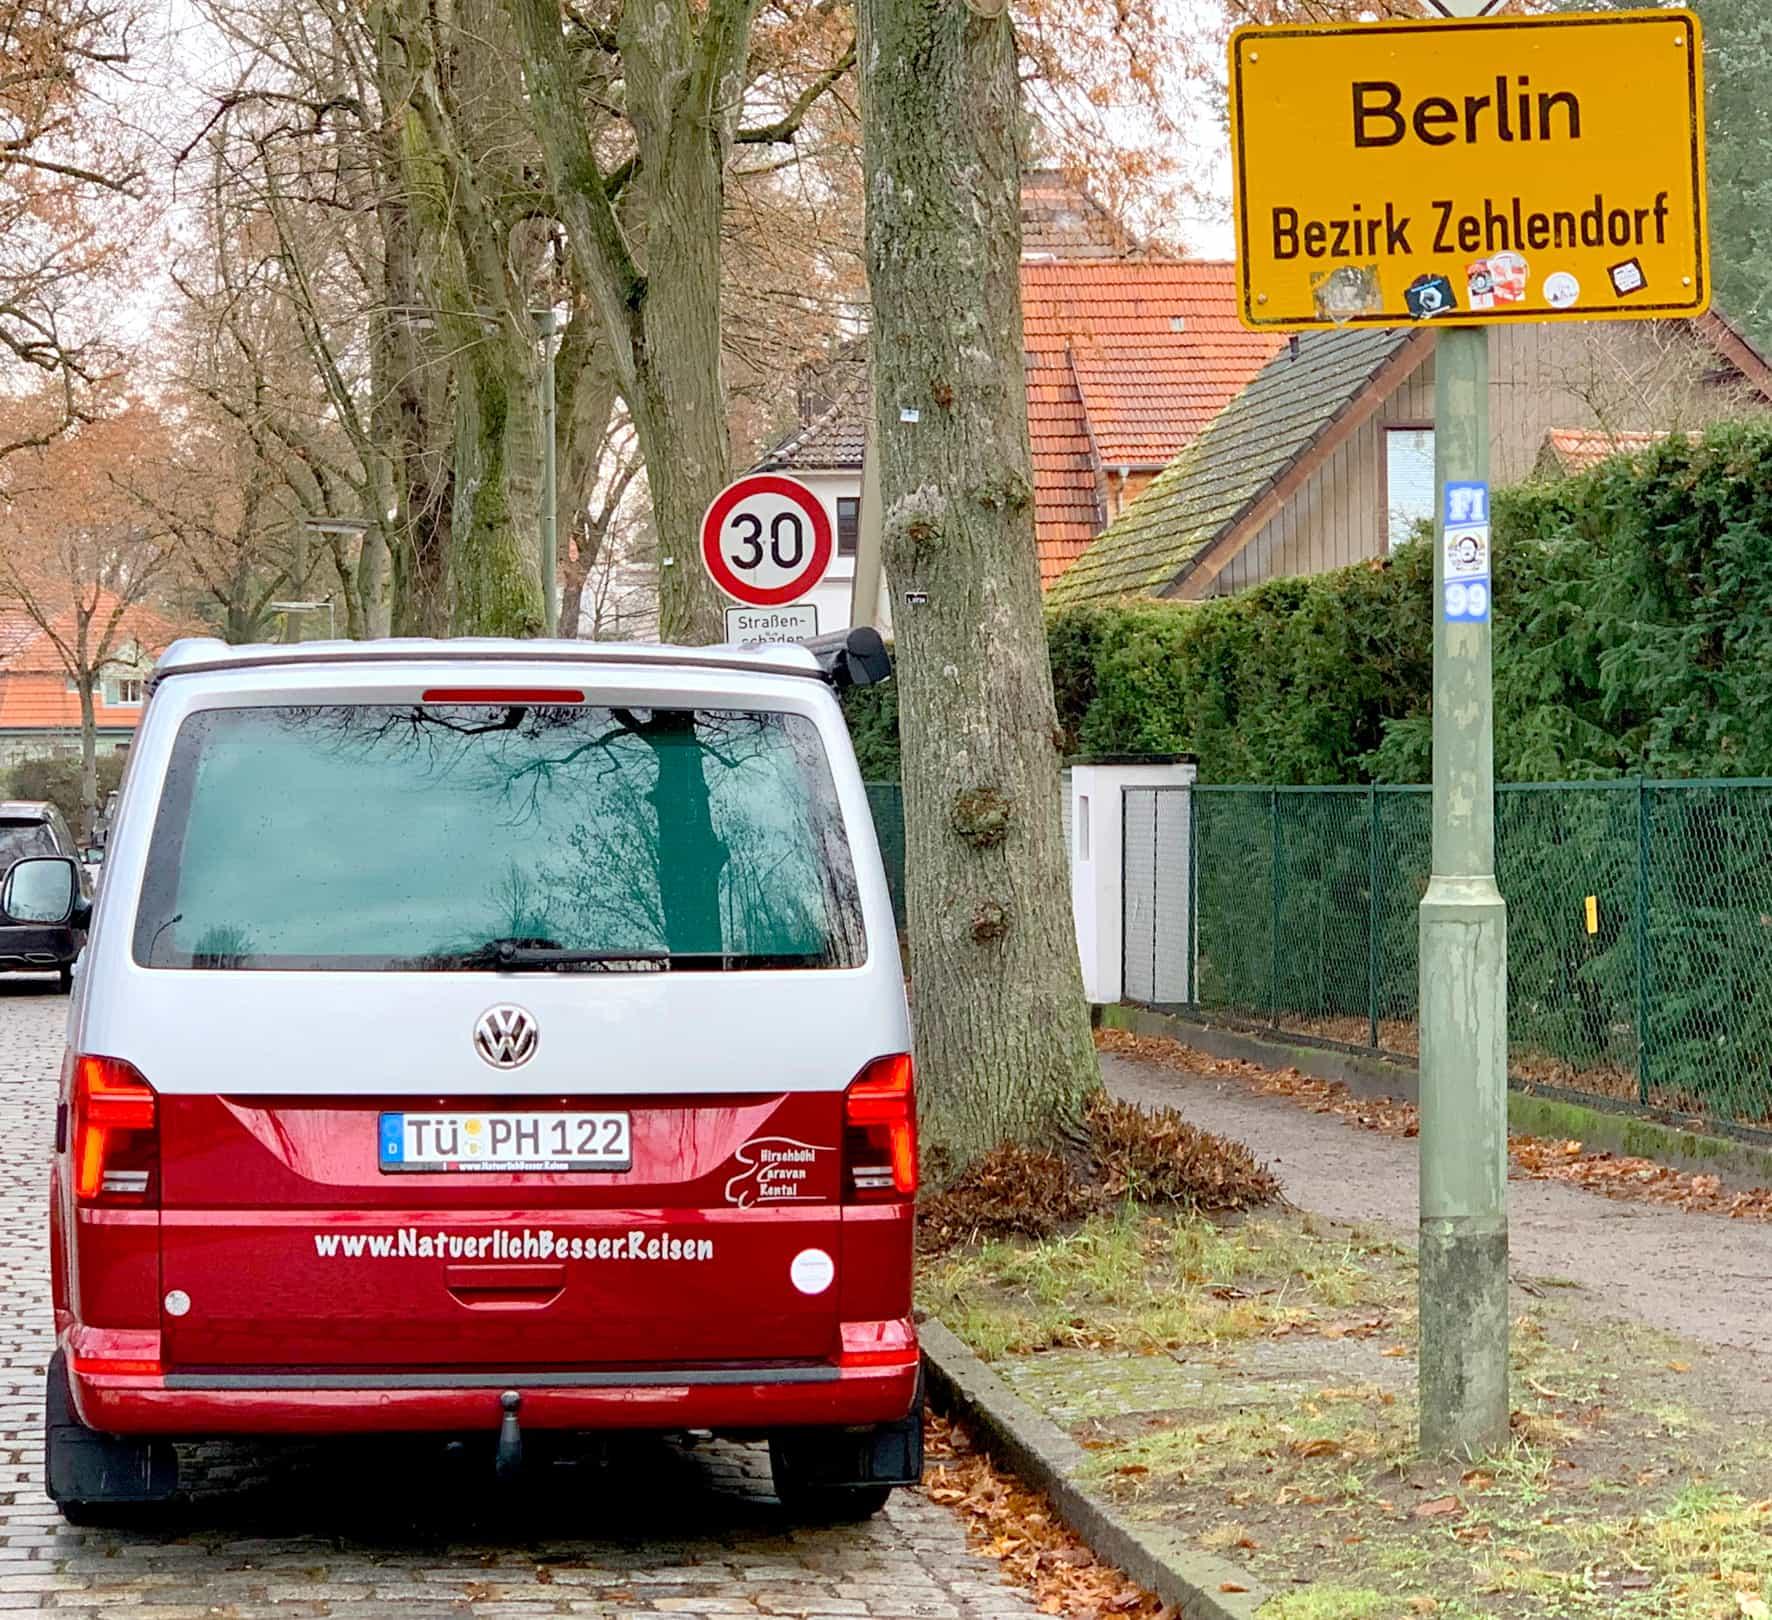 Hirschbulli Der VW-Bus T6.1 California Beach in Potsdam und Berlin